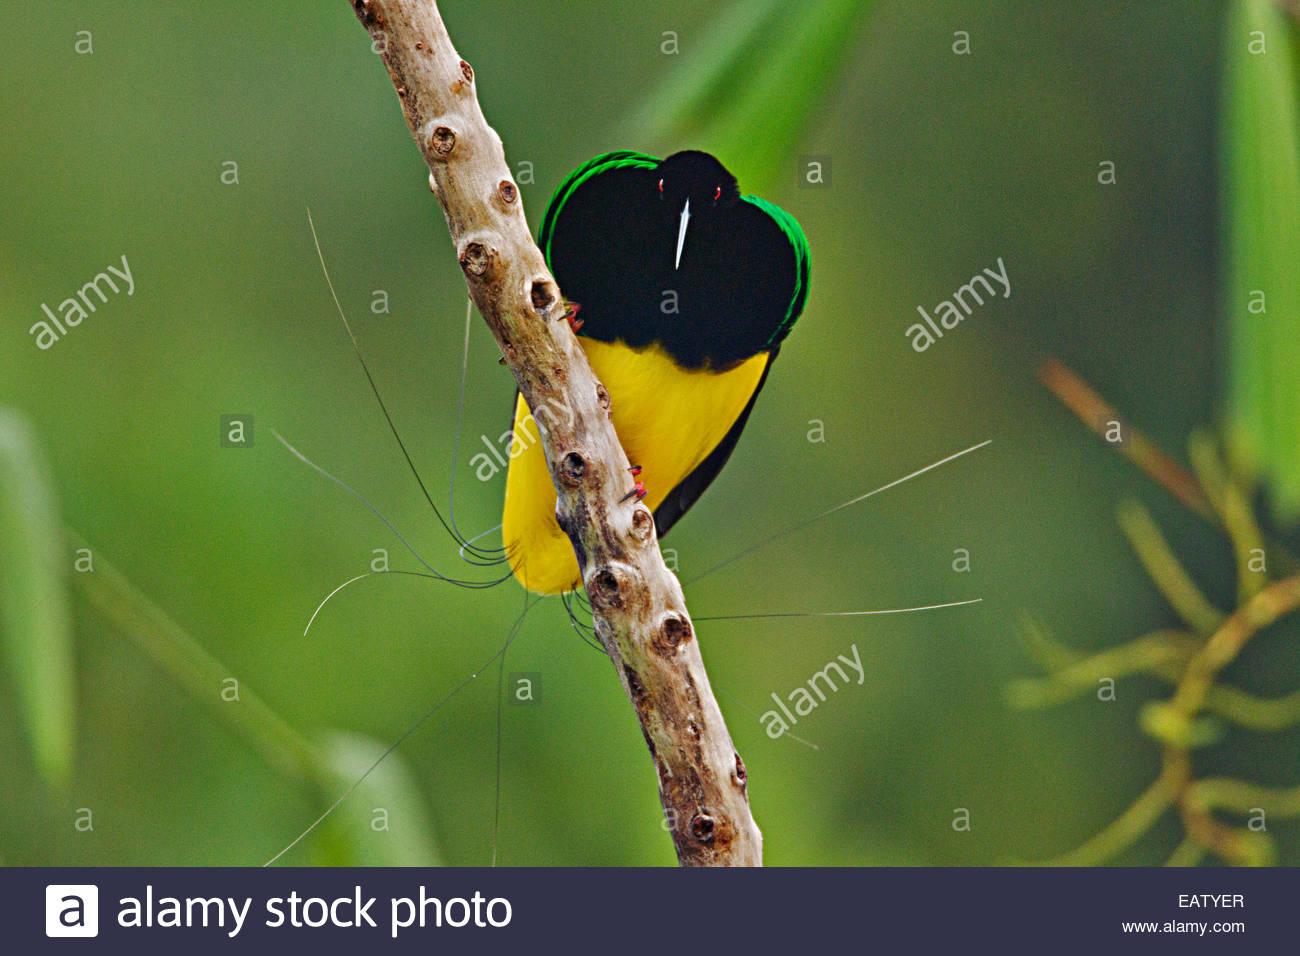 12 Un homme oiseau de paradis câblé à son pôle d'affichage. Photo Stock